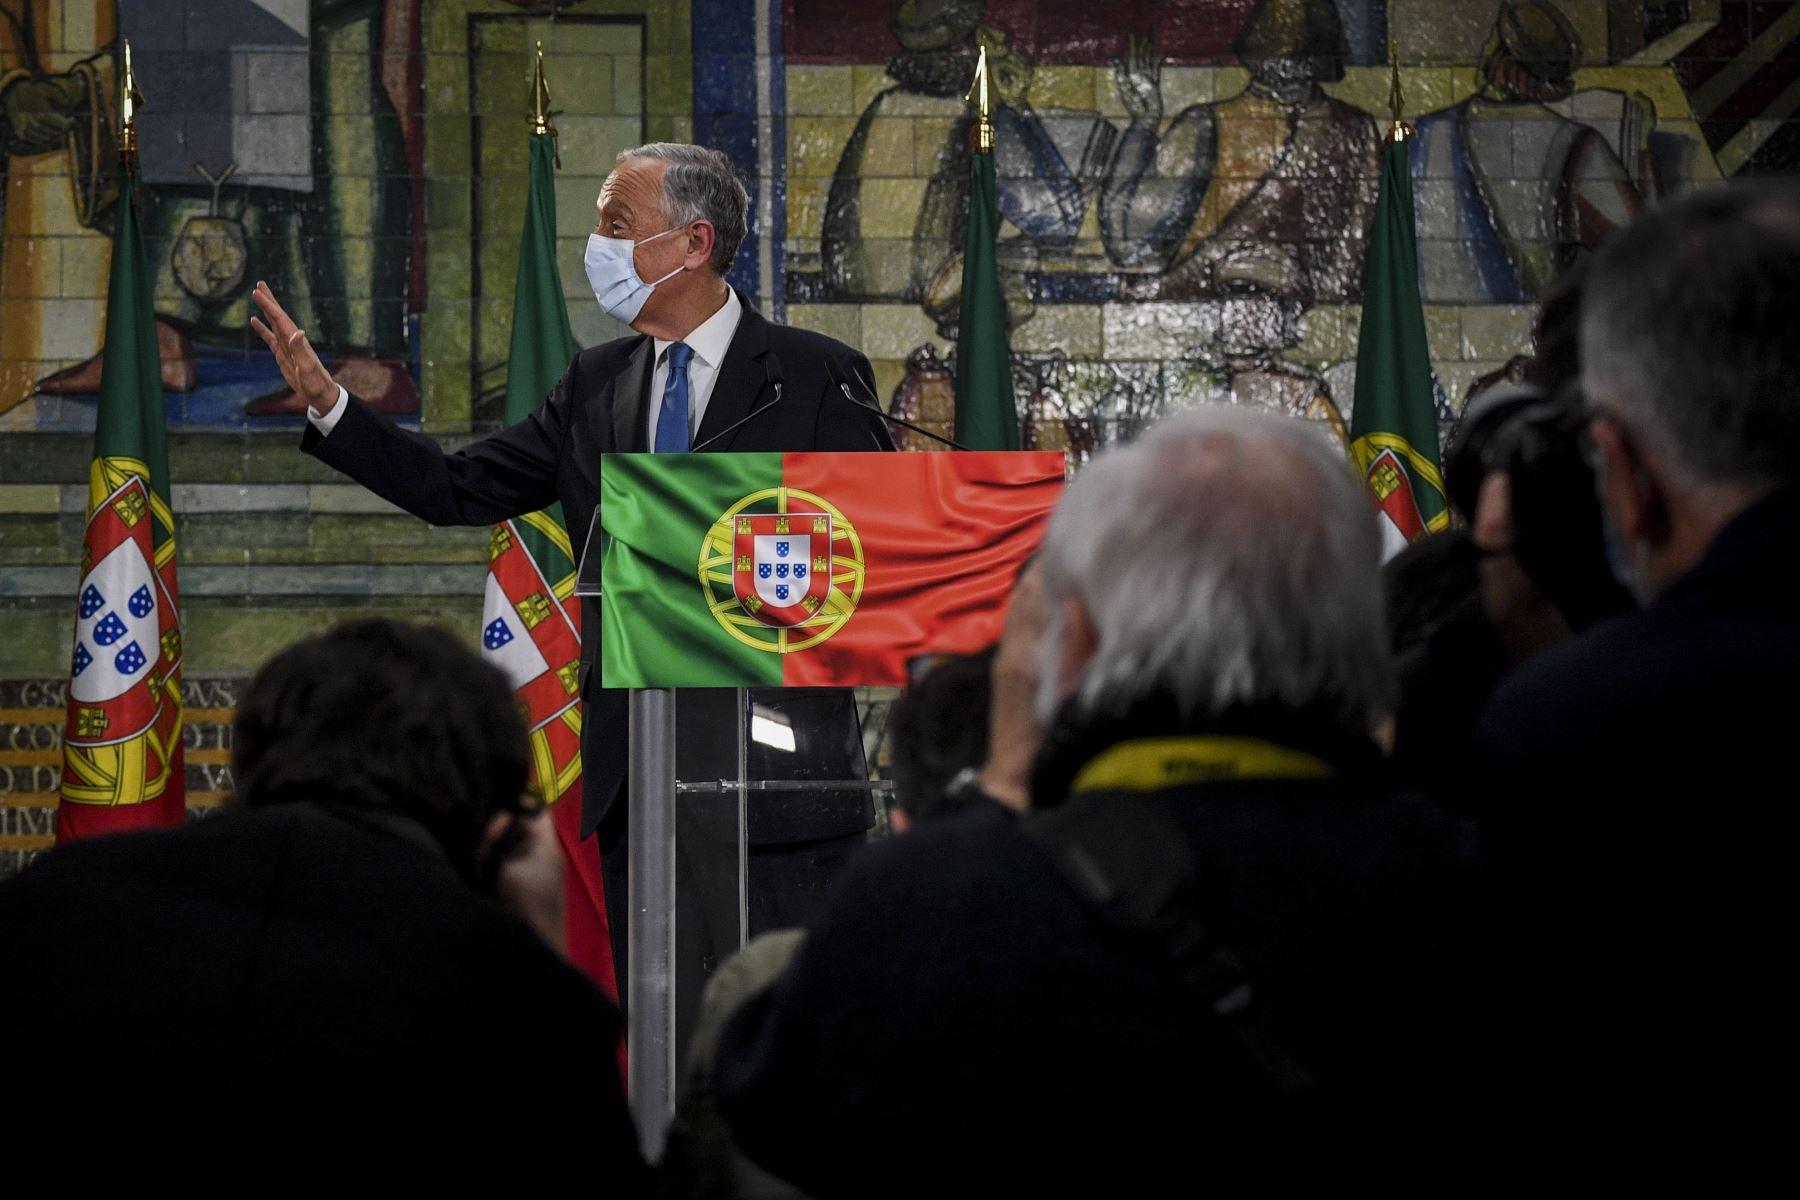 El candidato presidencial Marcelo Rebelo de Sousa hace gestos mientras pronuncia su discurso de victoria después de ser reelegido como presidente de Portugal durante las elecciones presidenciales de 2021 en Lisboa.  Foto: AFP